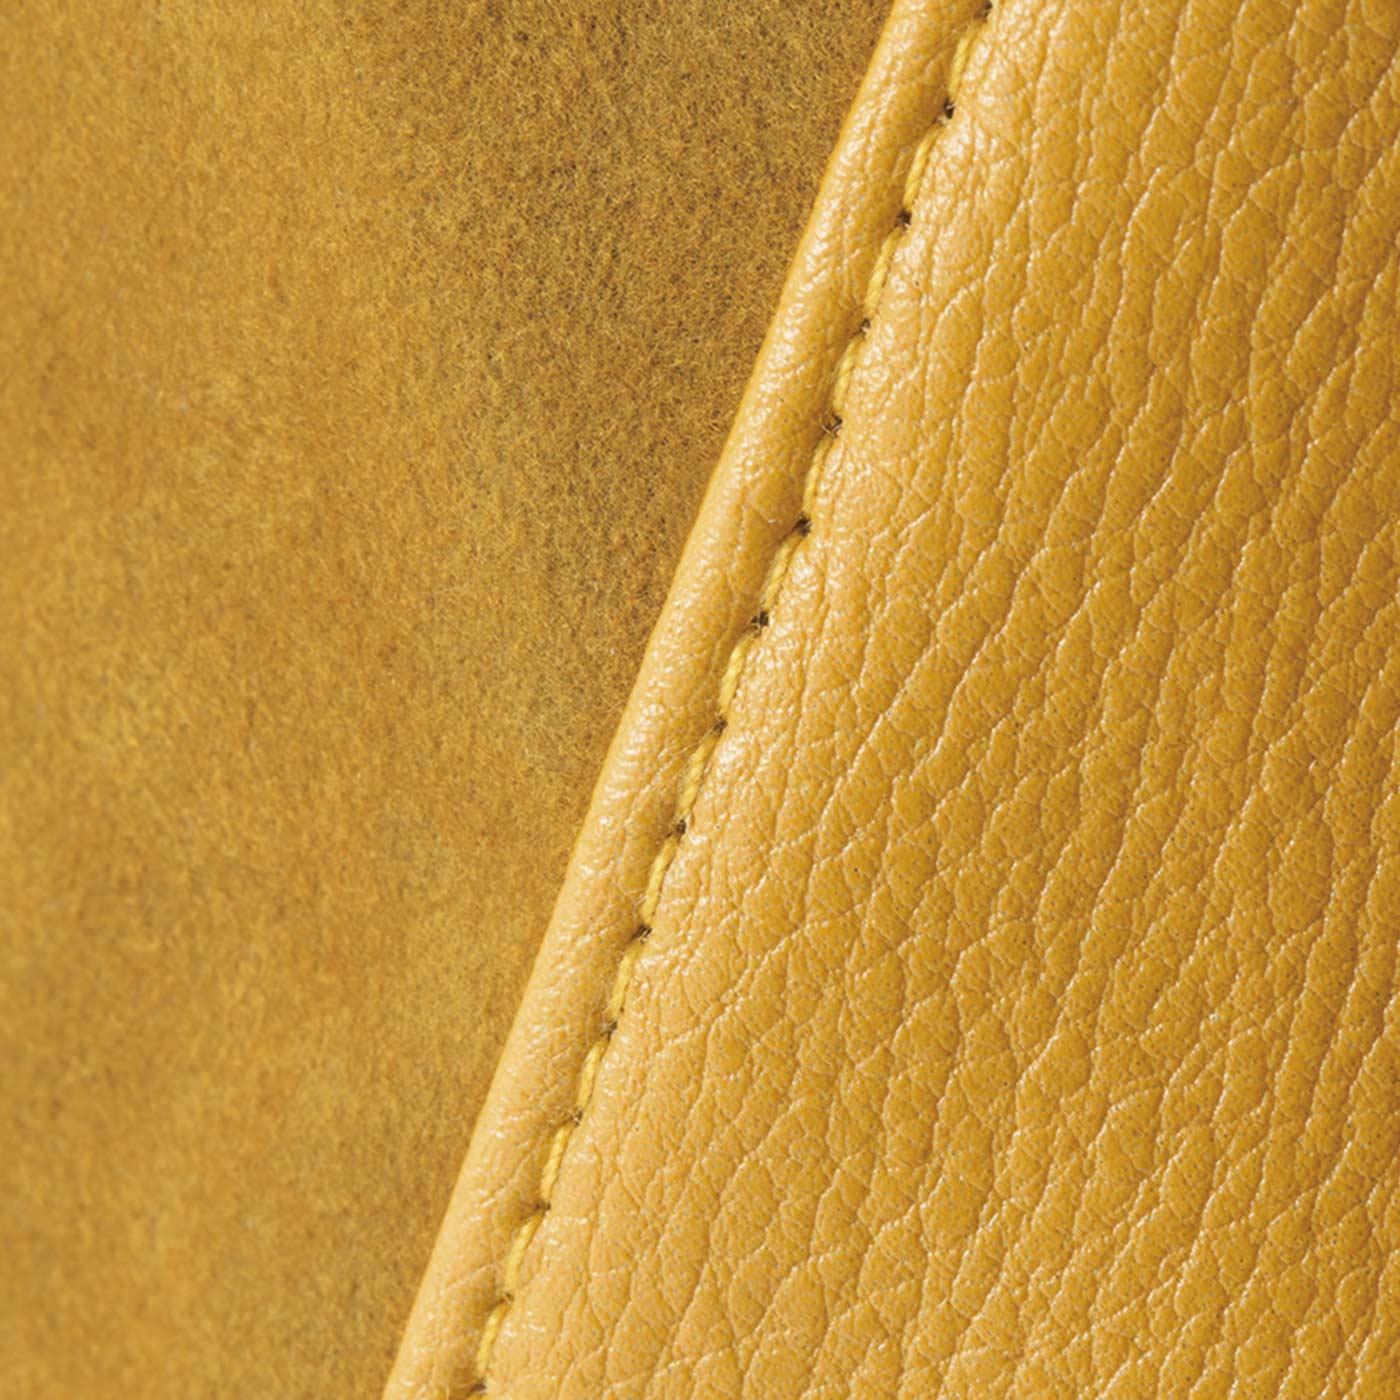 スエード調×合皮のコンビが上品できれいめ。上質感がありながら、軽くて持ちやすい。